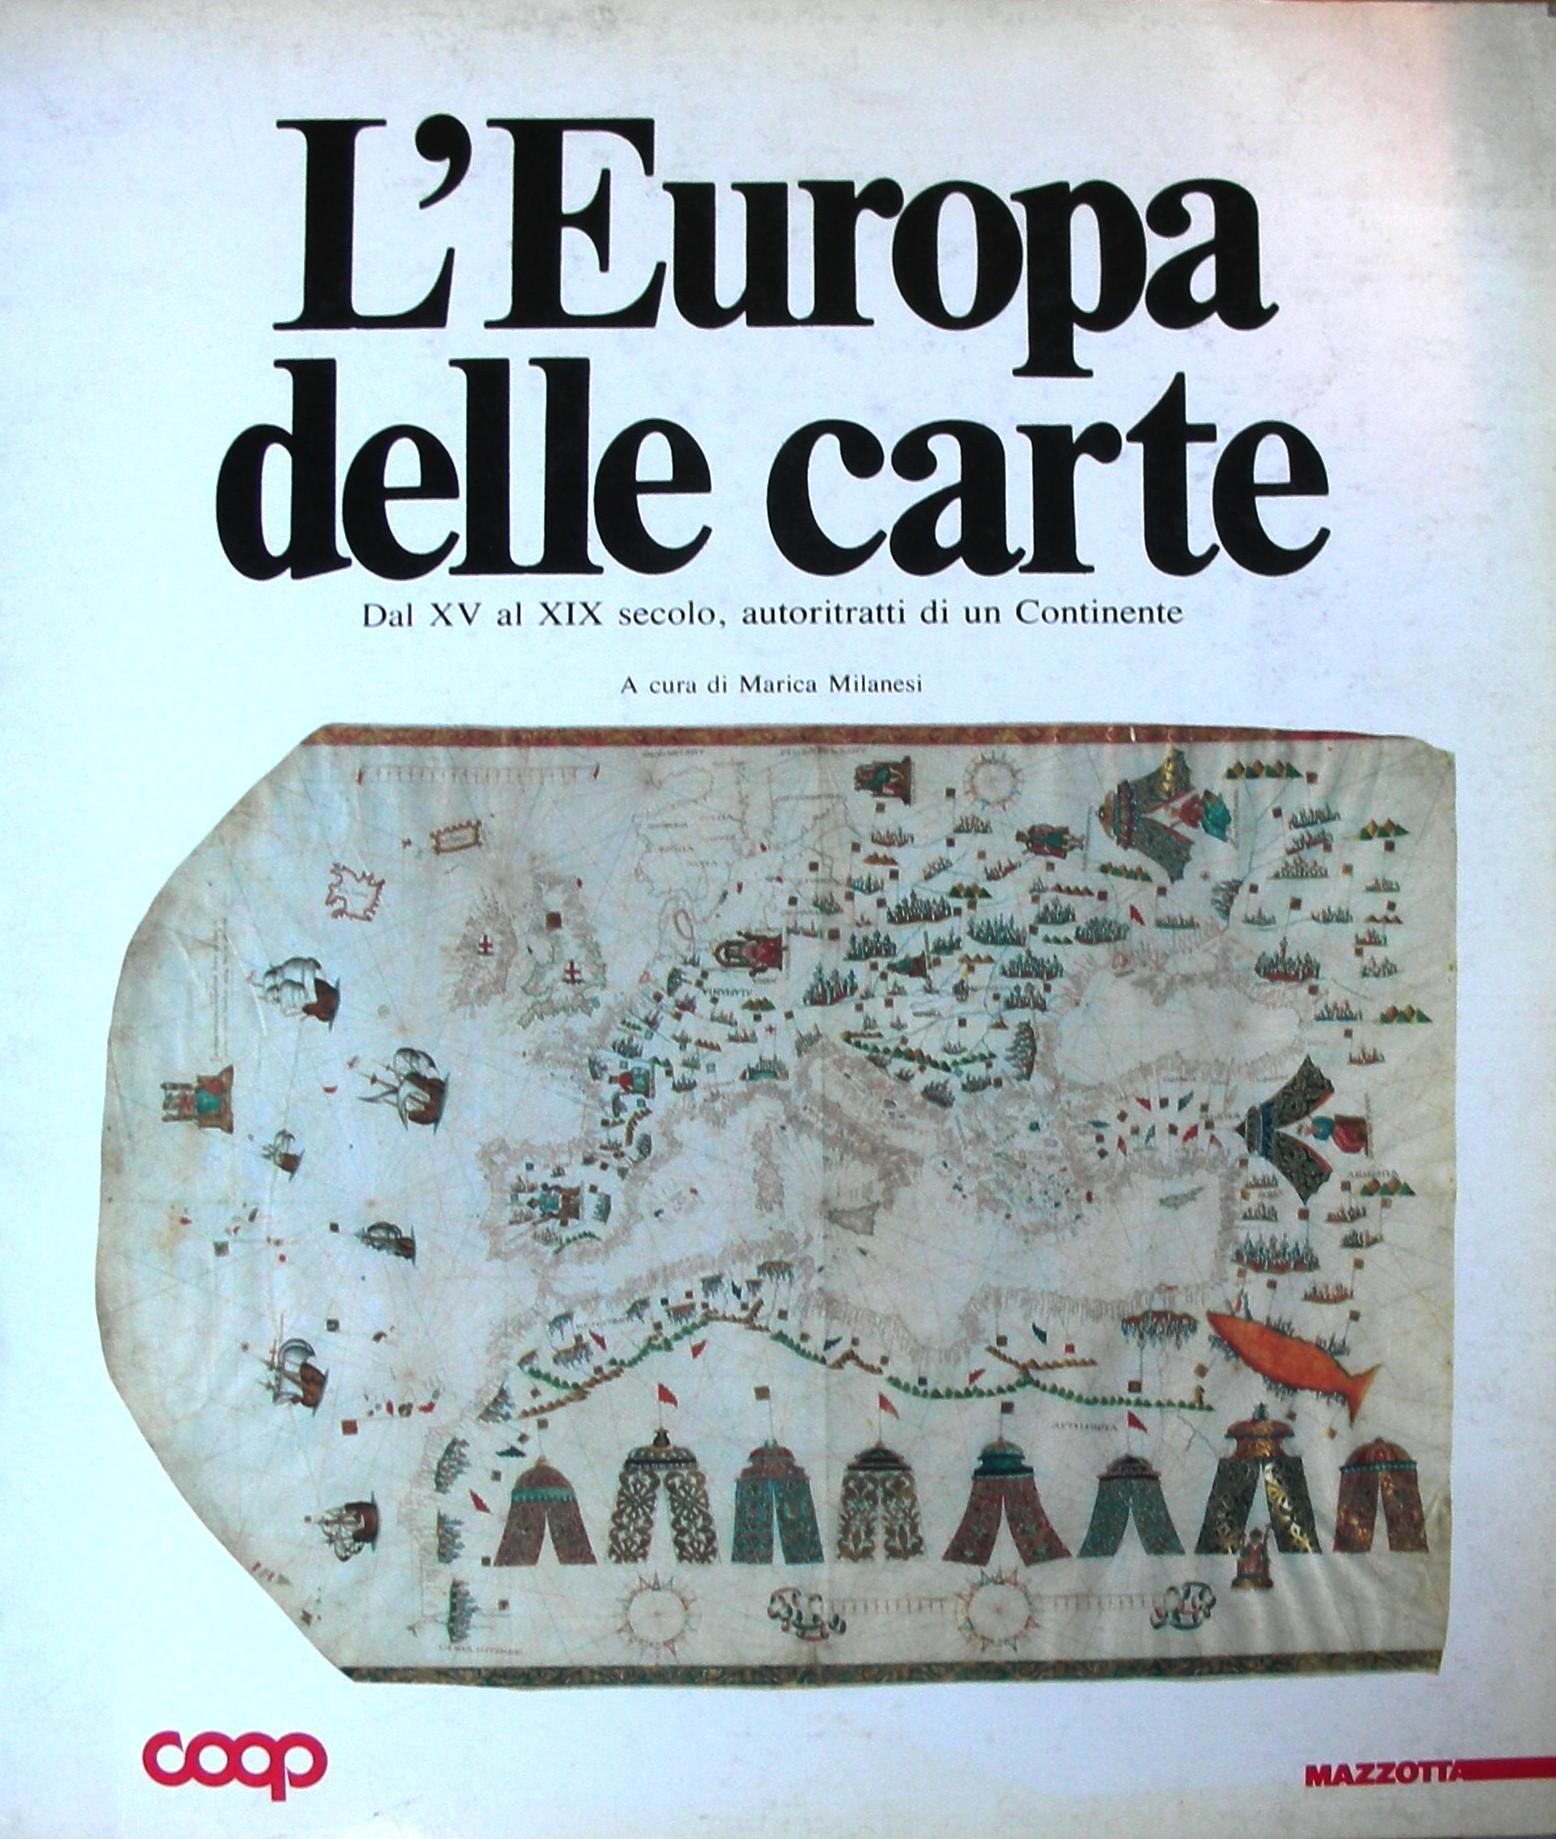 L'Europa delle carte